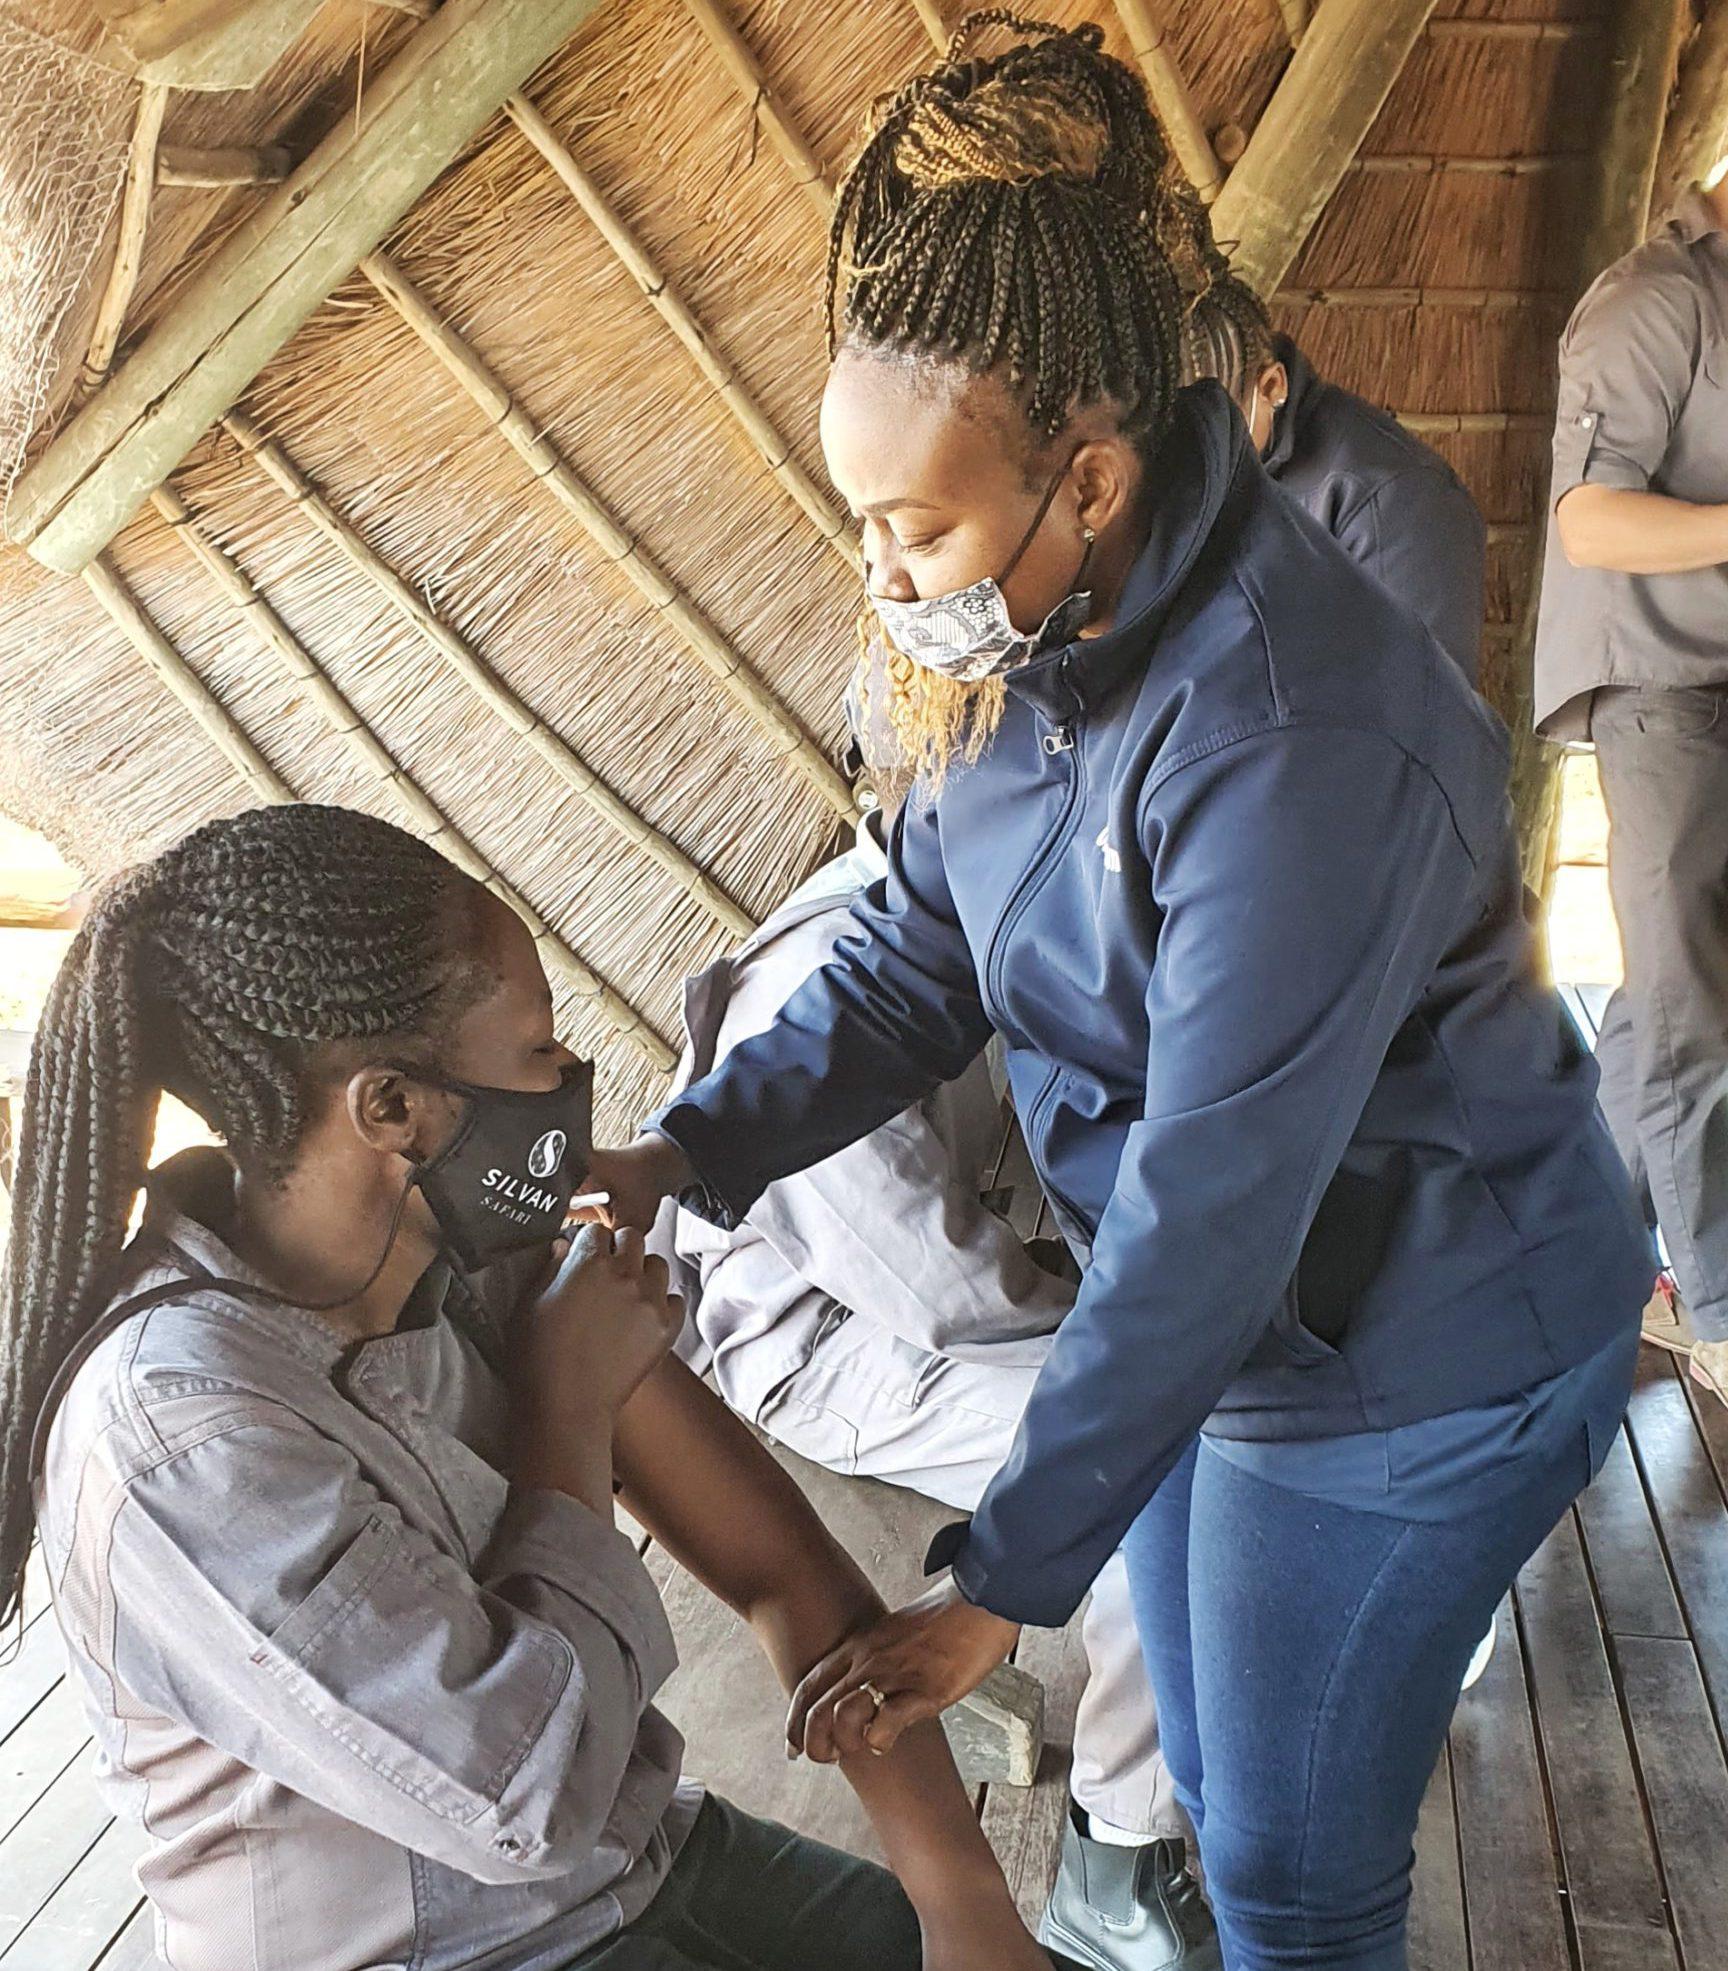 El asistente de cocina de Silvan Safari recibe la vacuna